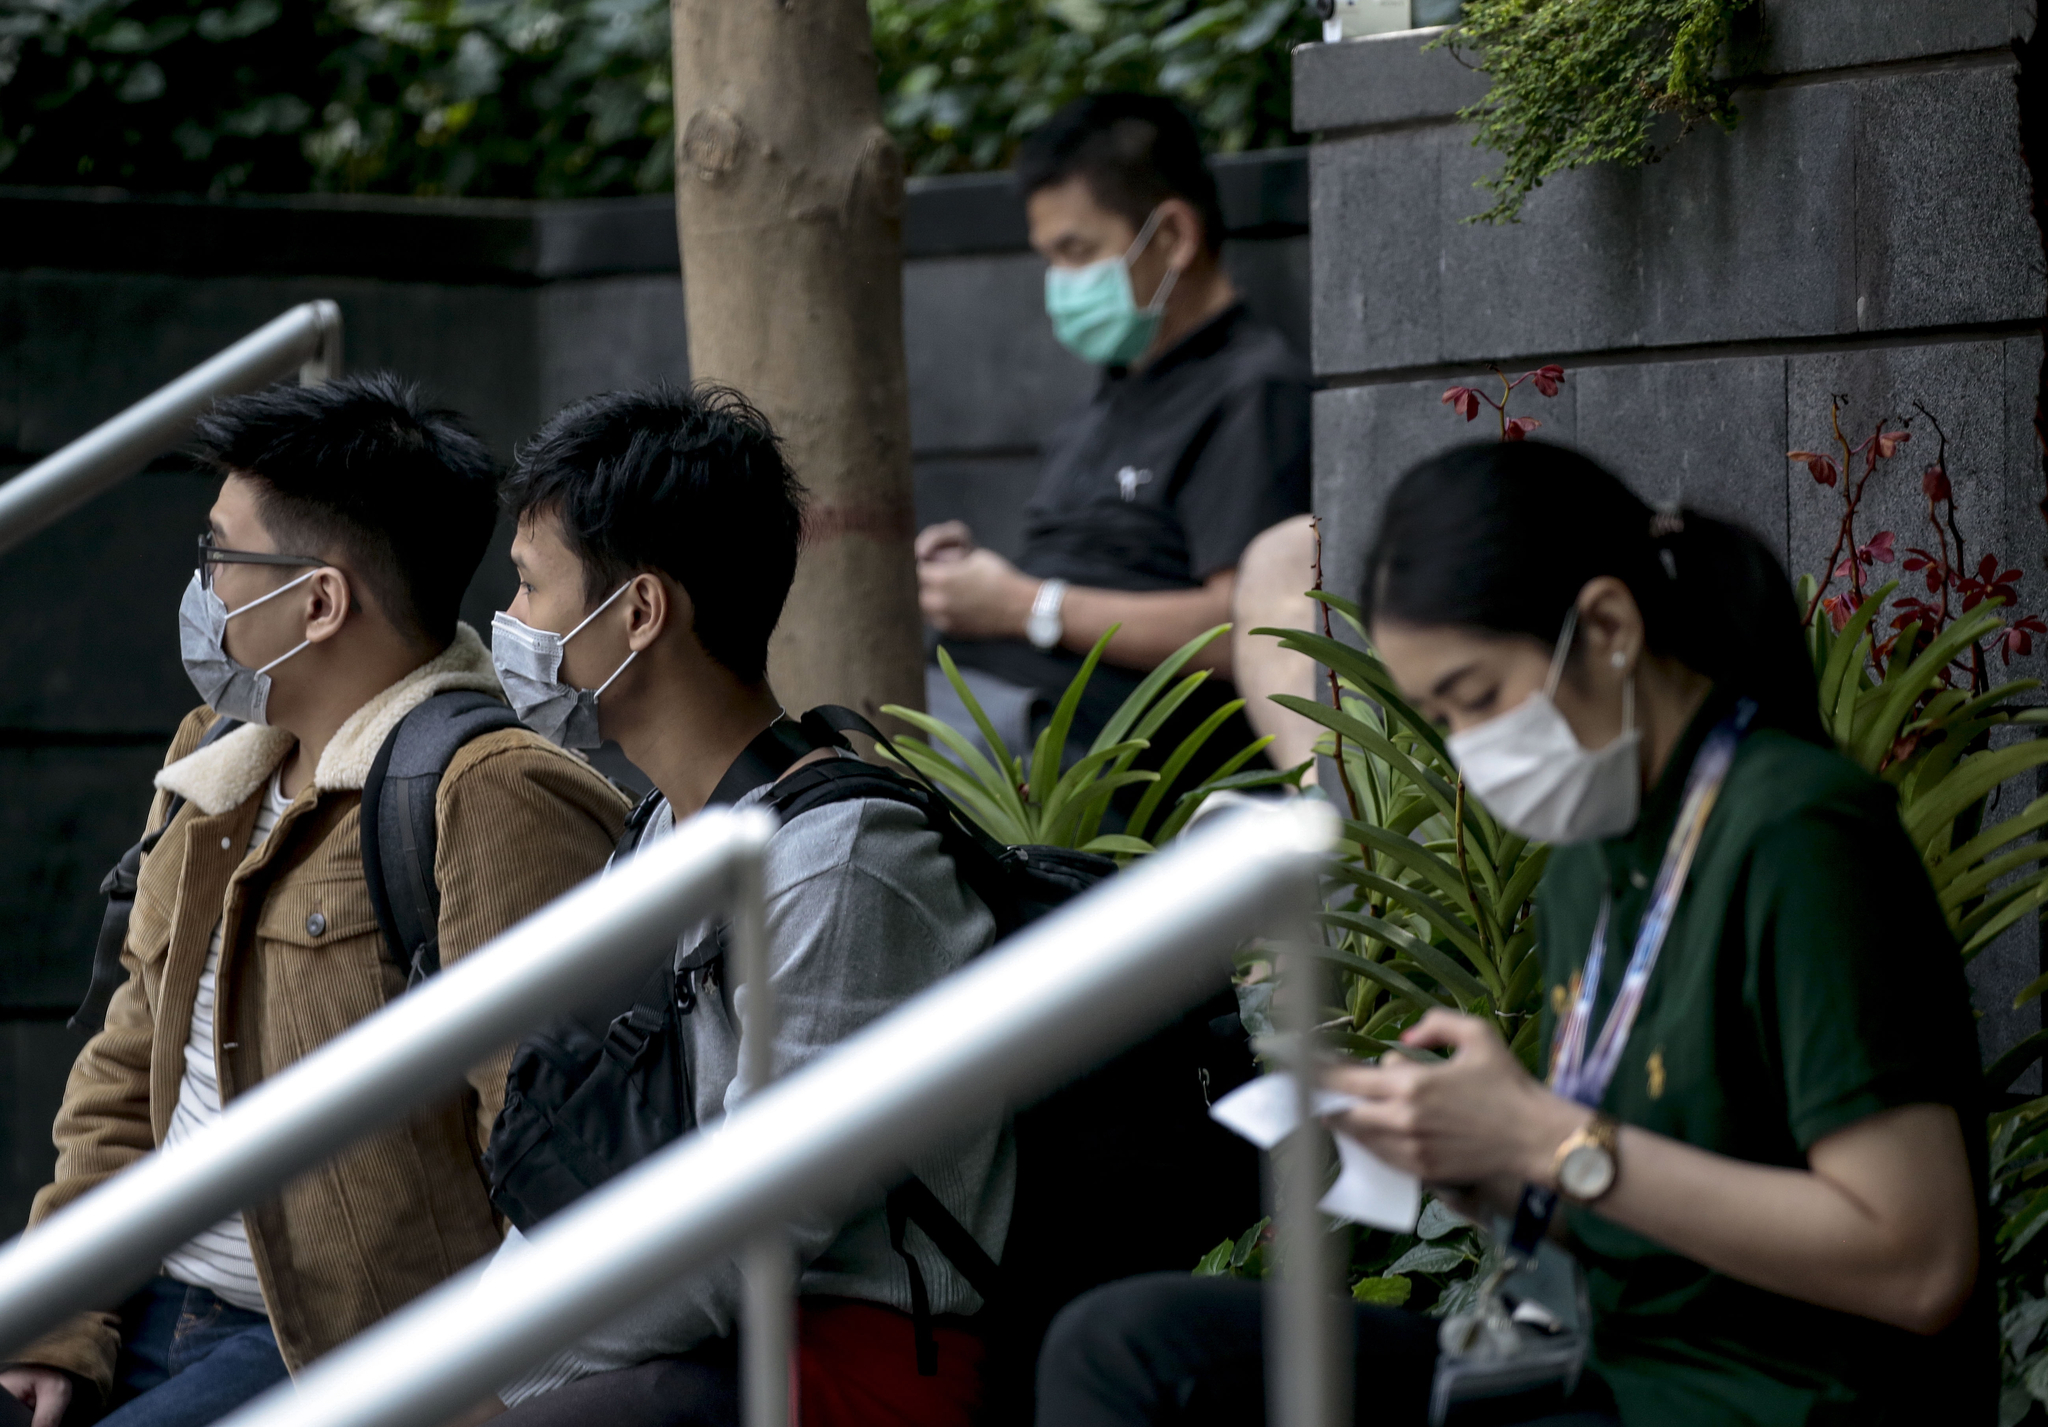 지난 13일 싱가포르 창이공항에 앉아있는 사람들이 모두 마스크를 쓰고 있다. [EPA=연합뉴스]